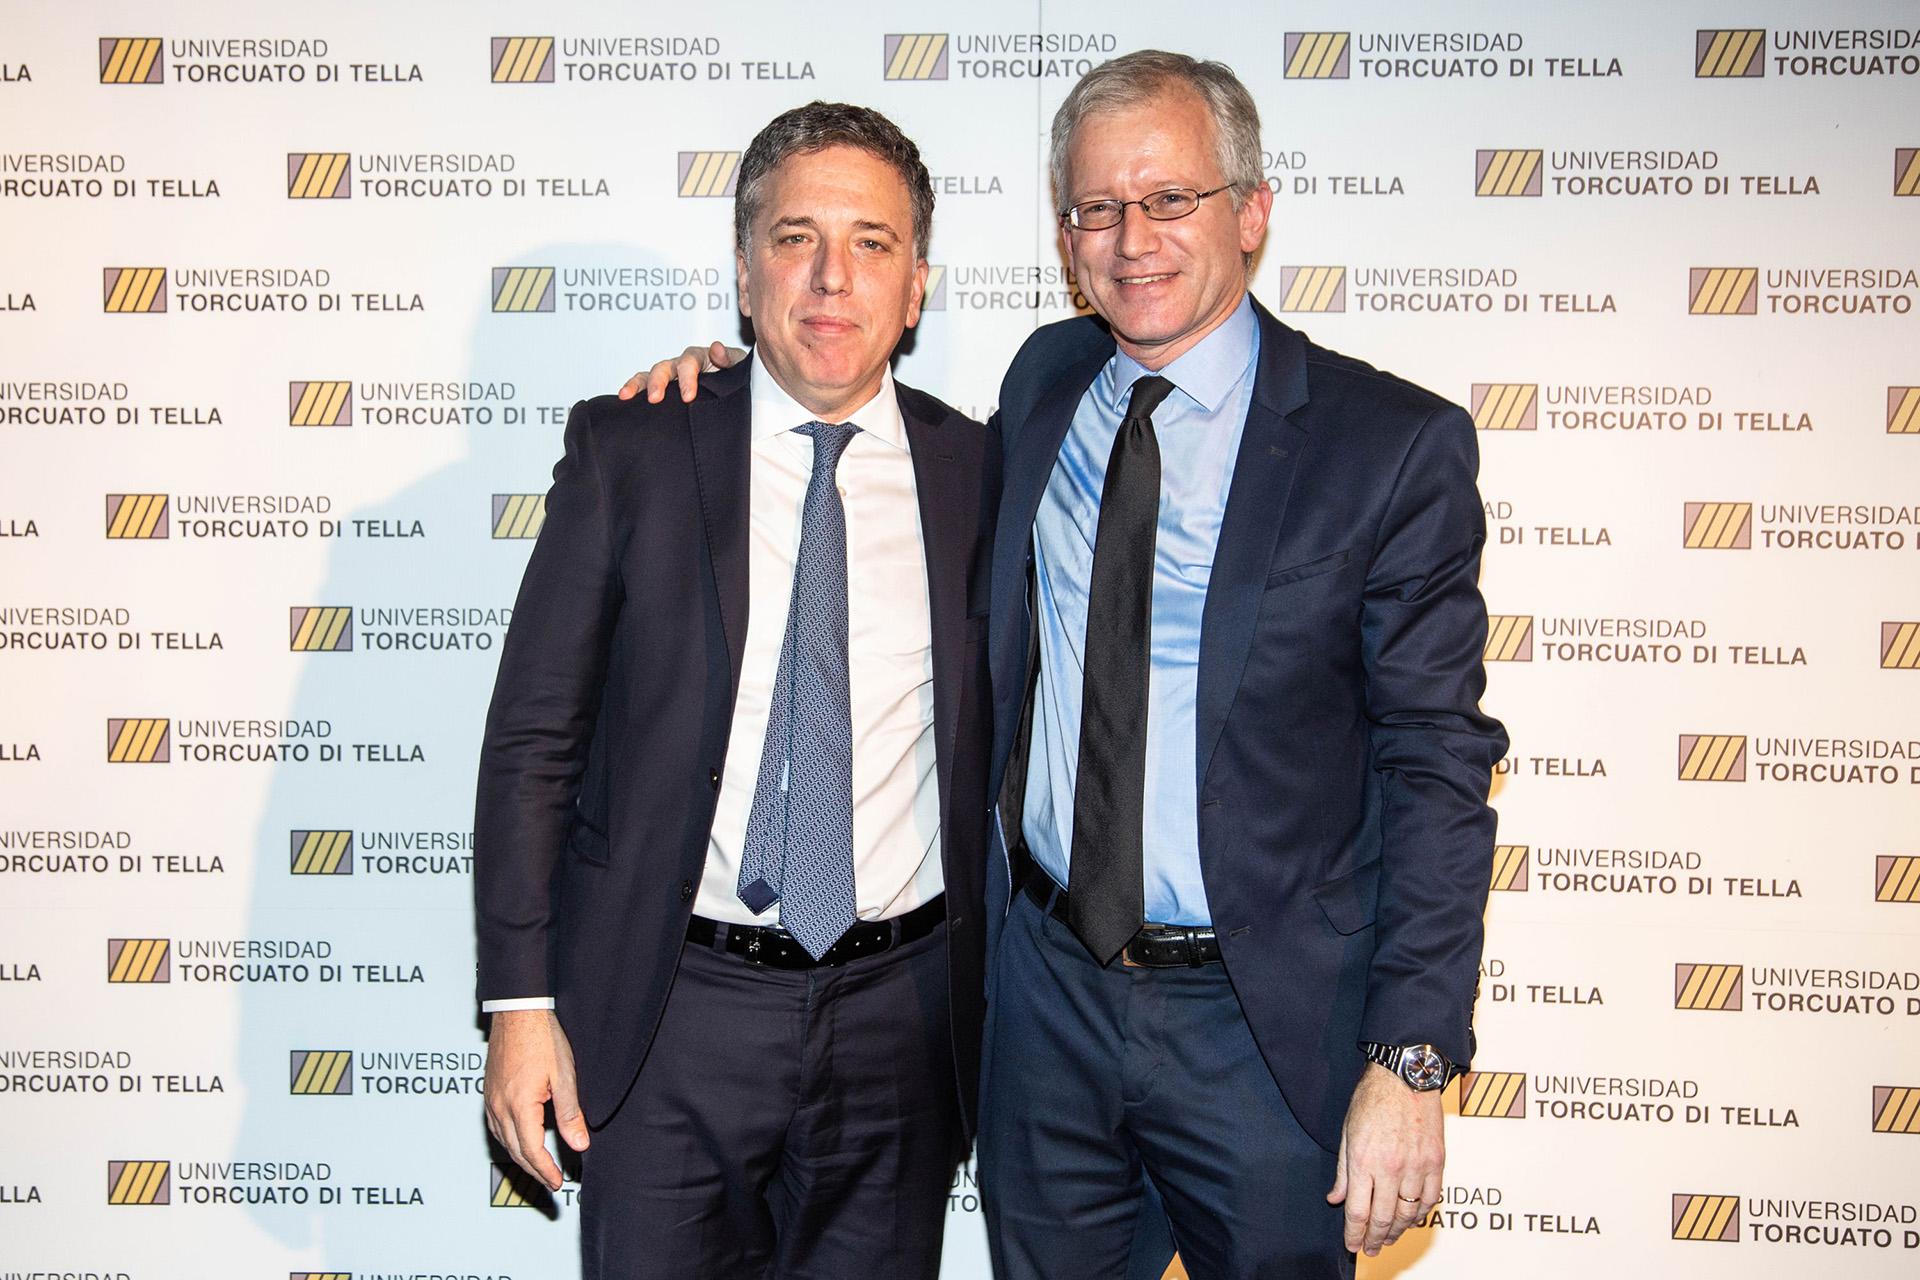 El ministro de Hacienda y Finanzas, Nicolás Dujovne, posa junto a Schargrodsky